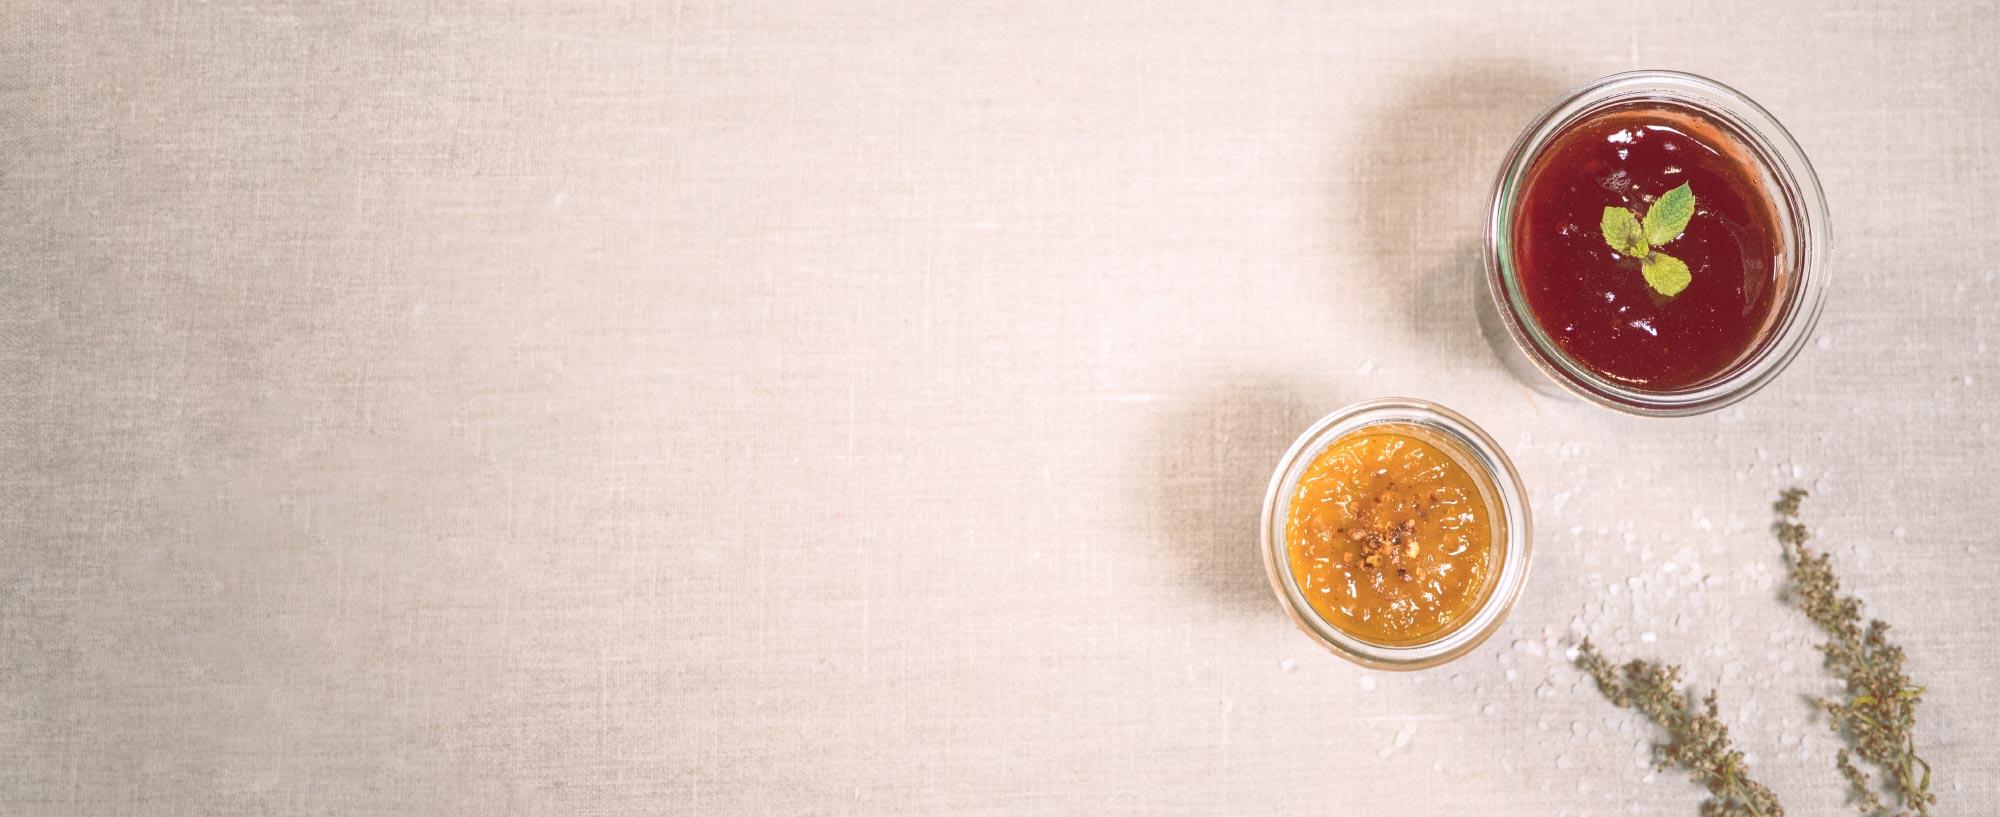 naschglas mit erdbeermarmelade und chutney